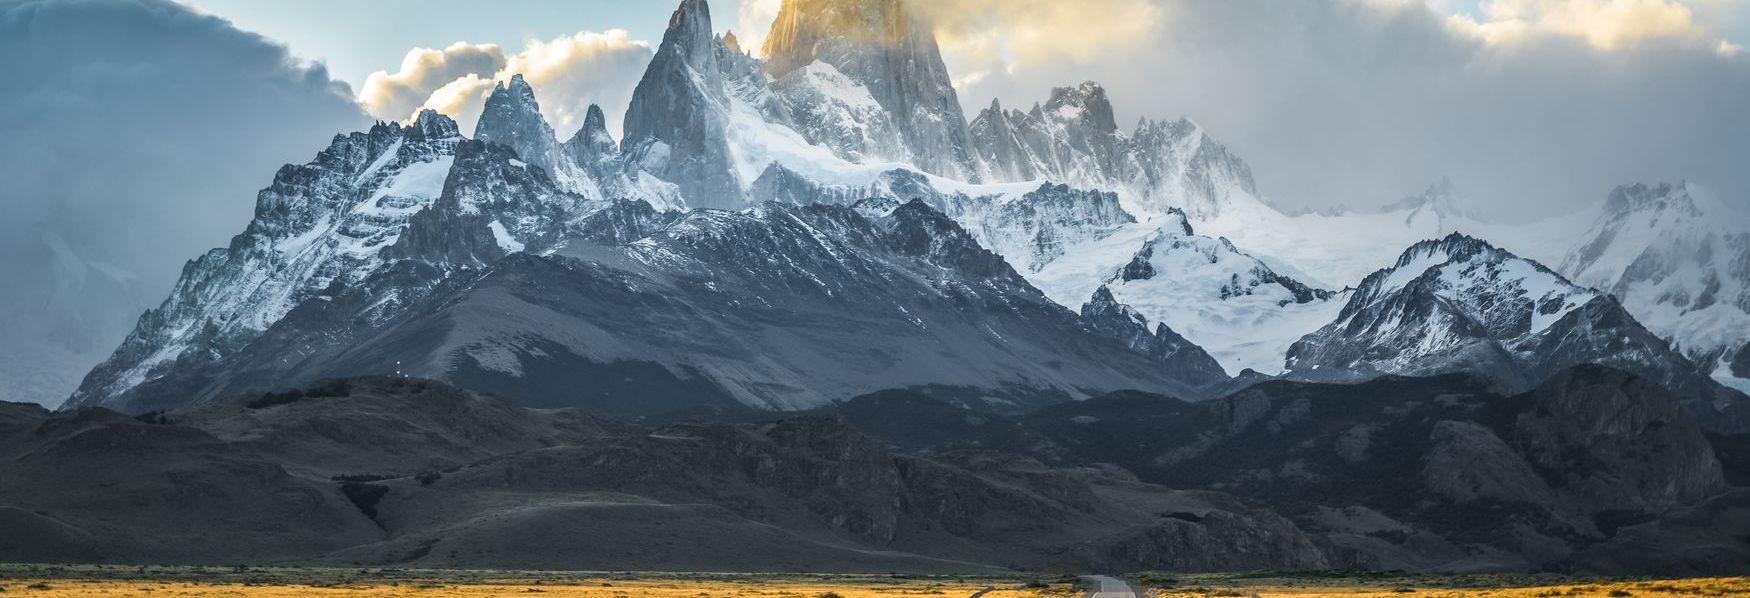 Foto El Chaltén, capital nacional del trekking.